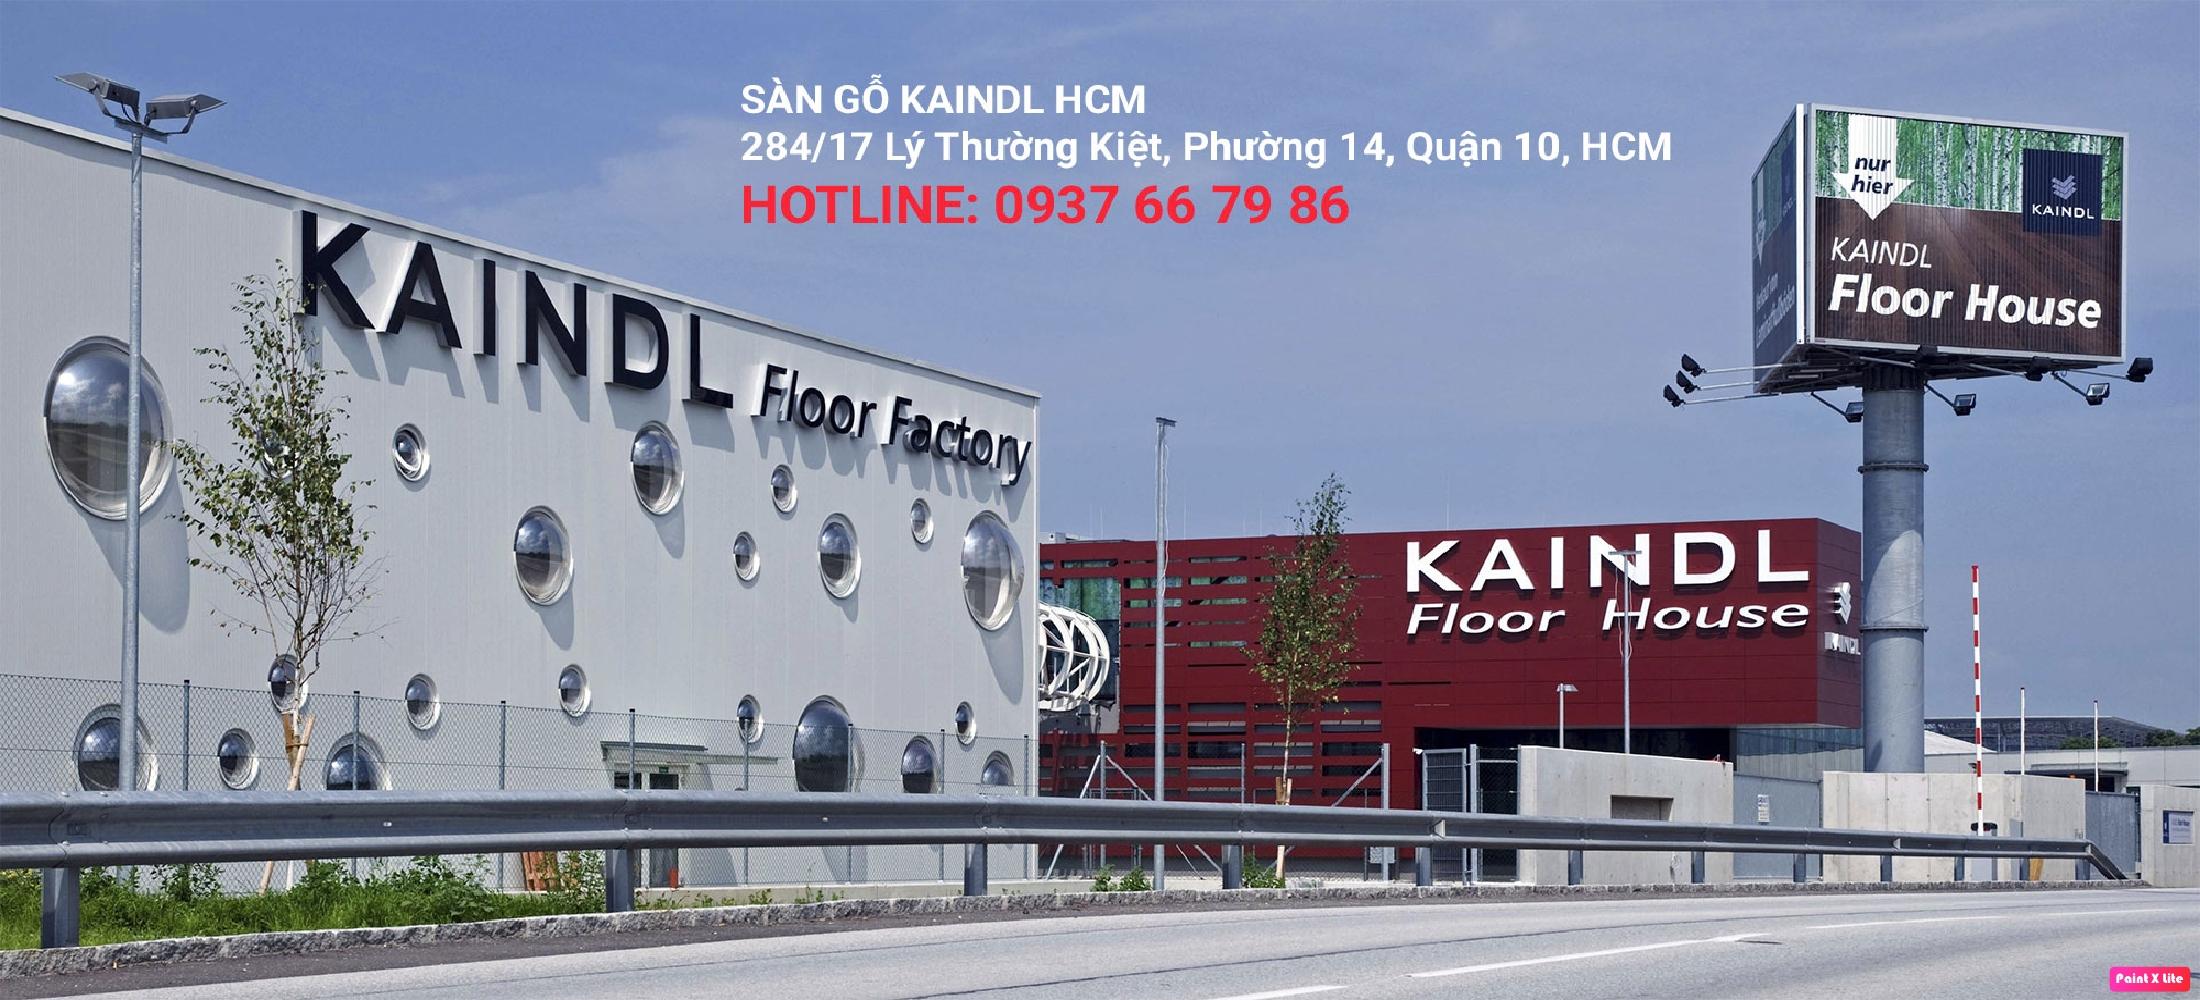 San go Kaindl (@sangokaindlhcm) Cover Image